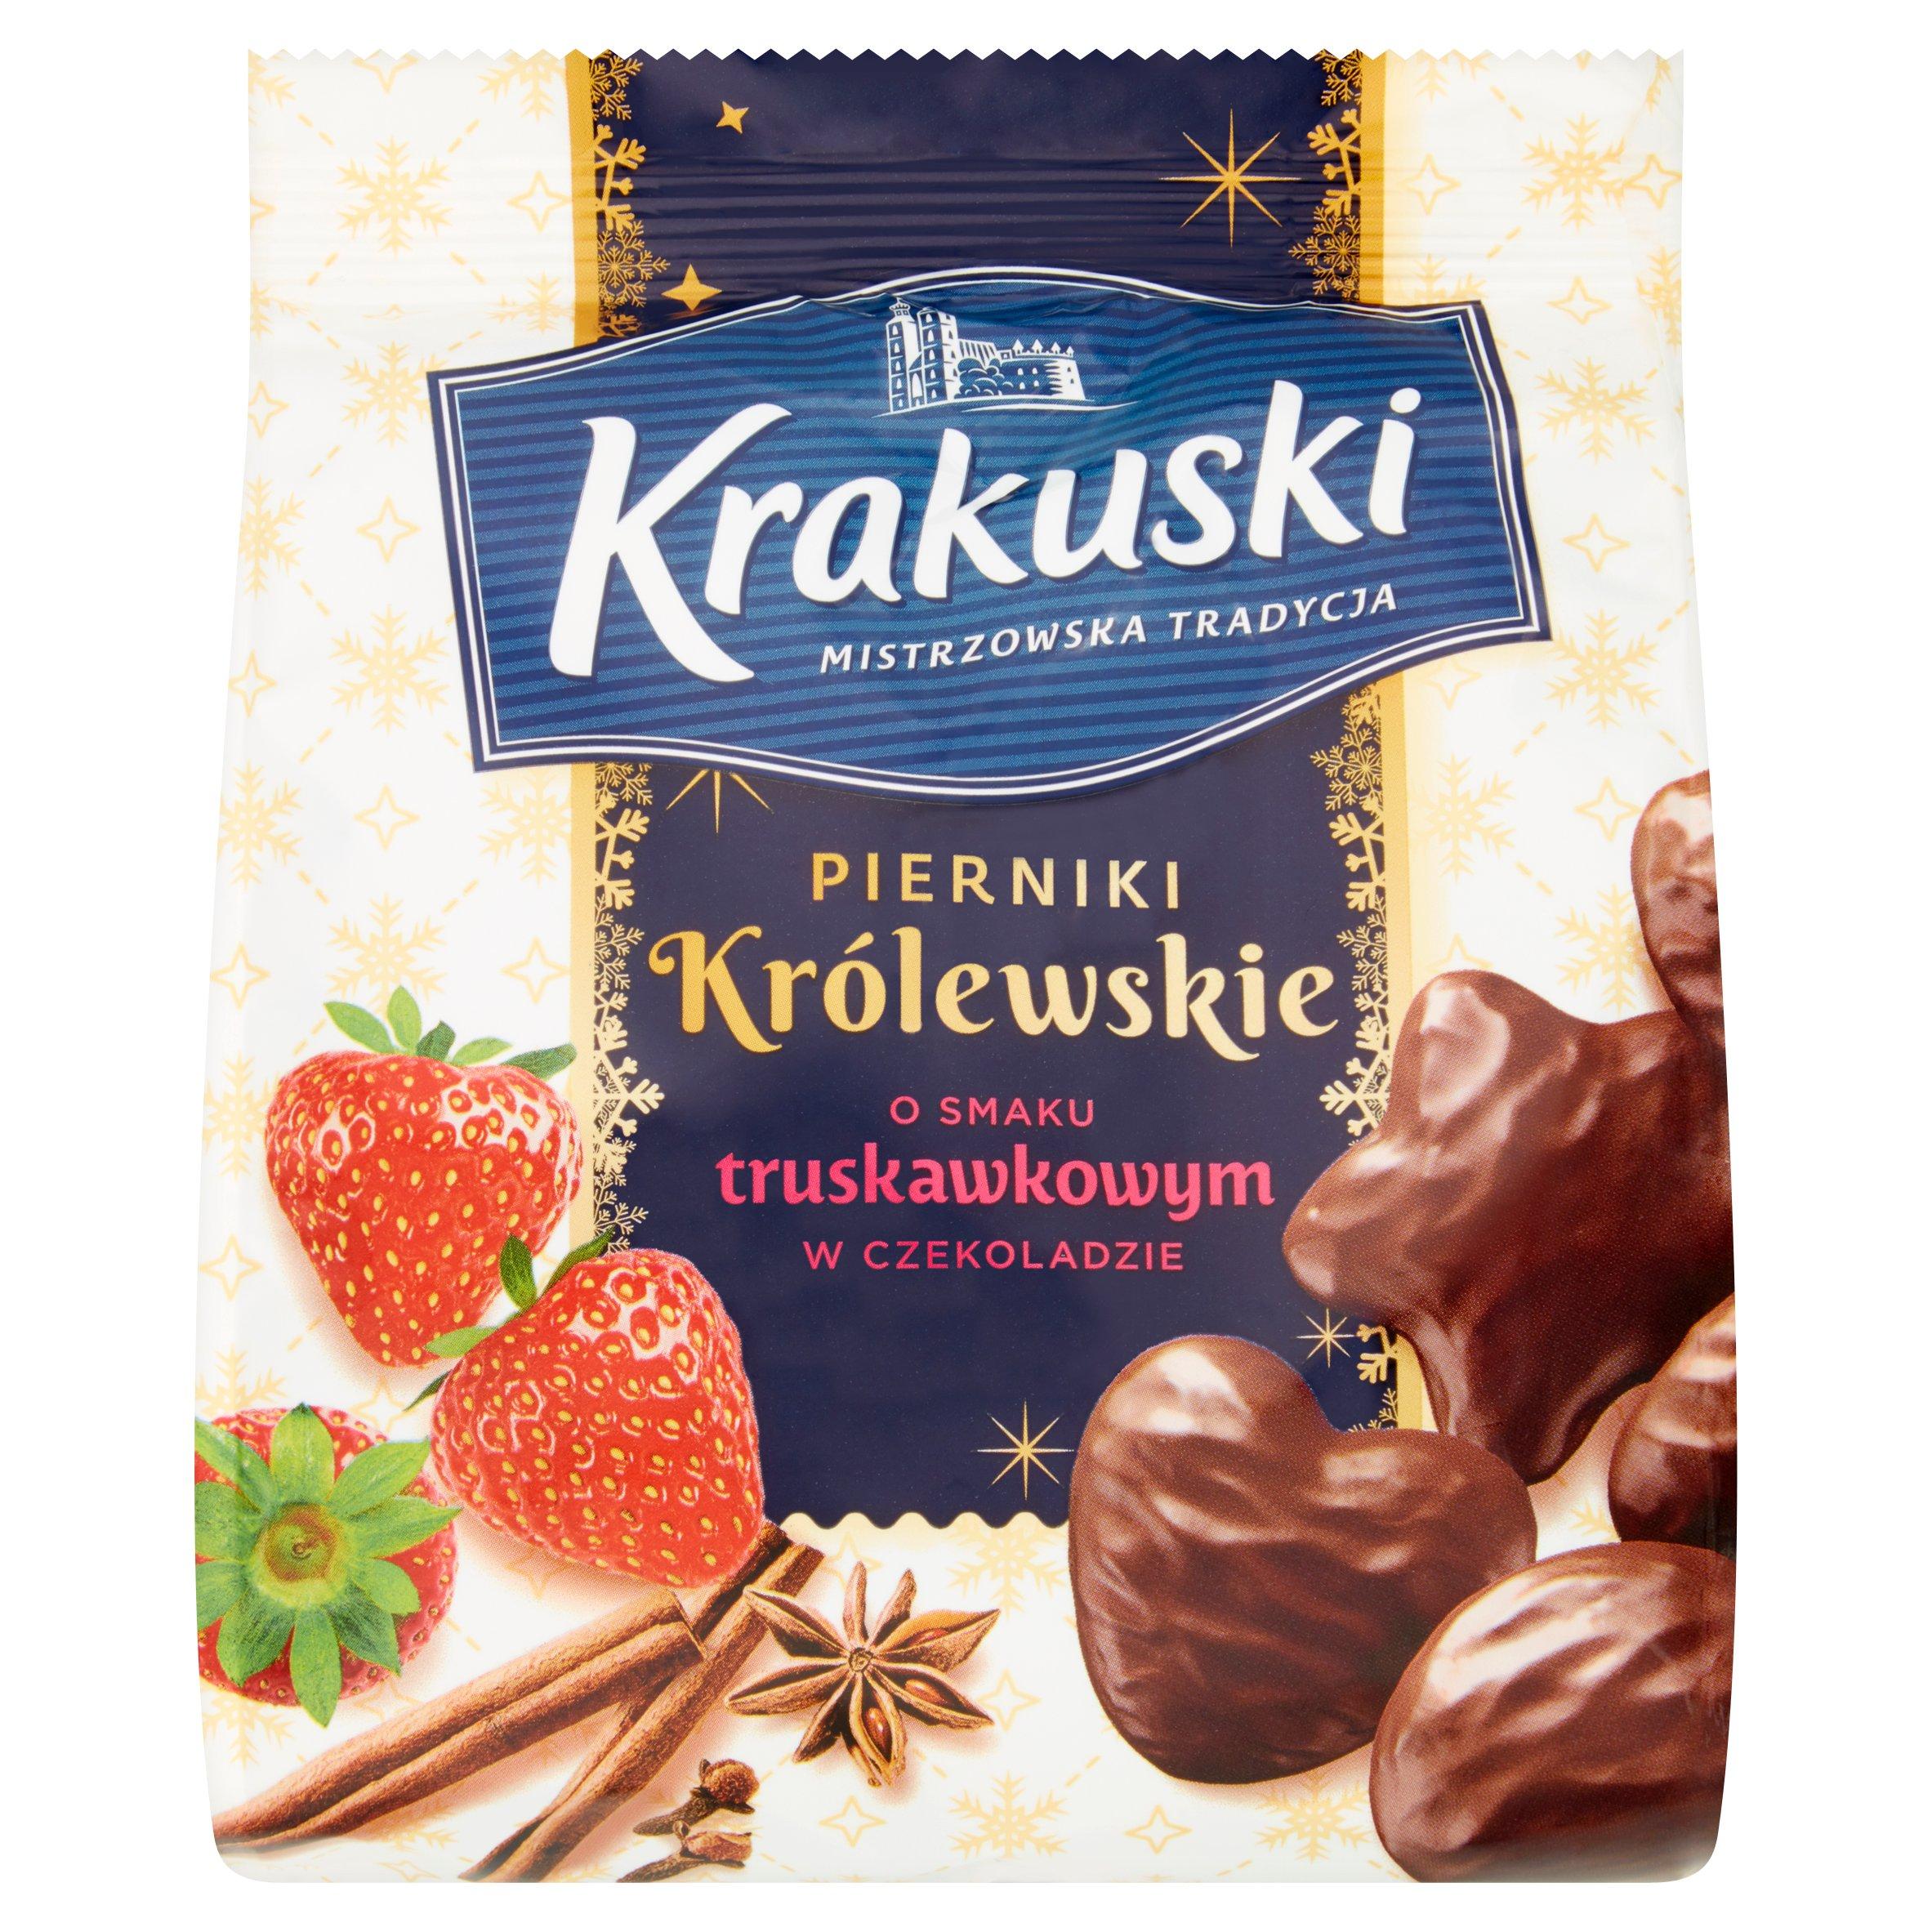 Krakuski Pierniki Królewskie o smaku truskawkowym w czekoladzie 150g (2)